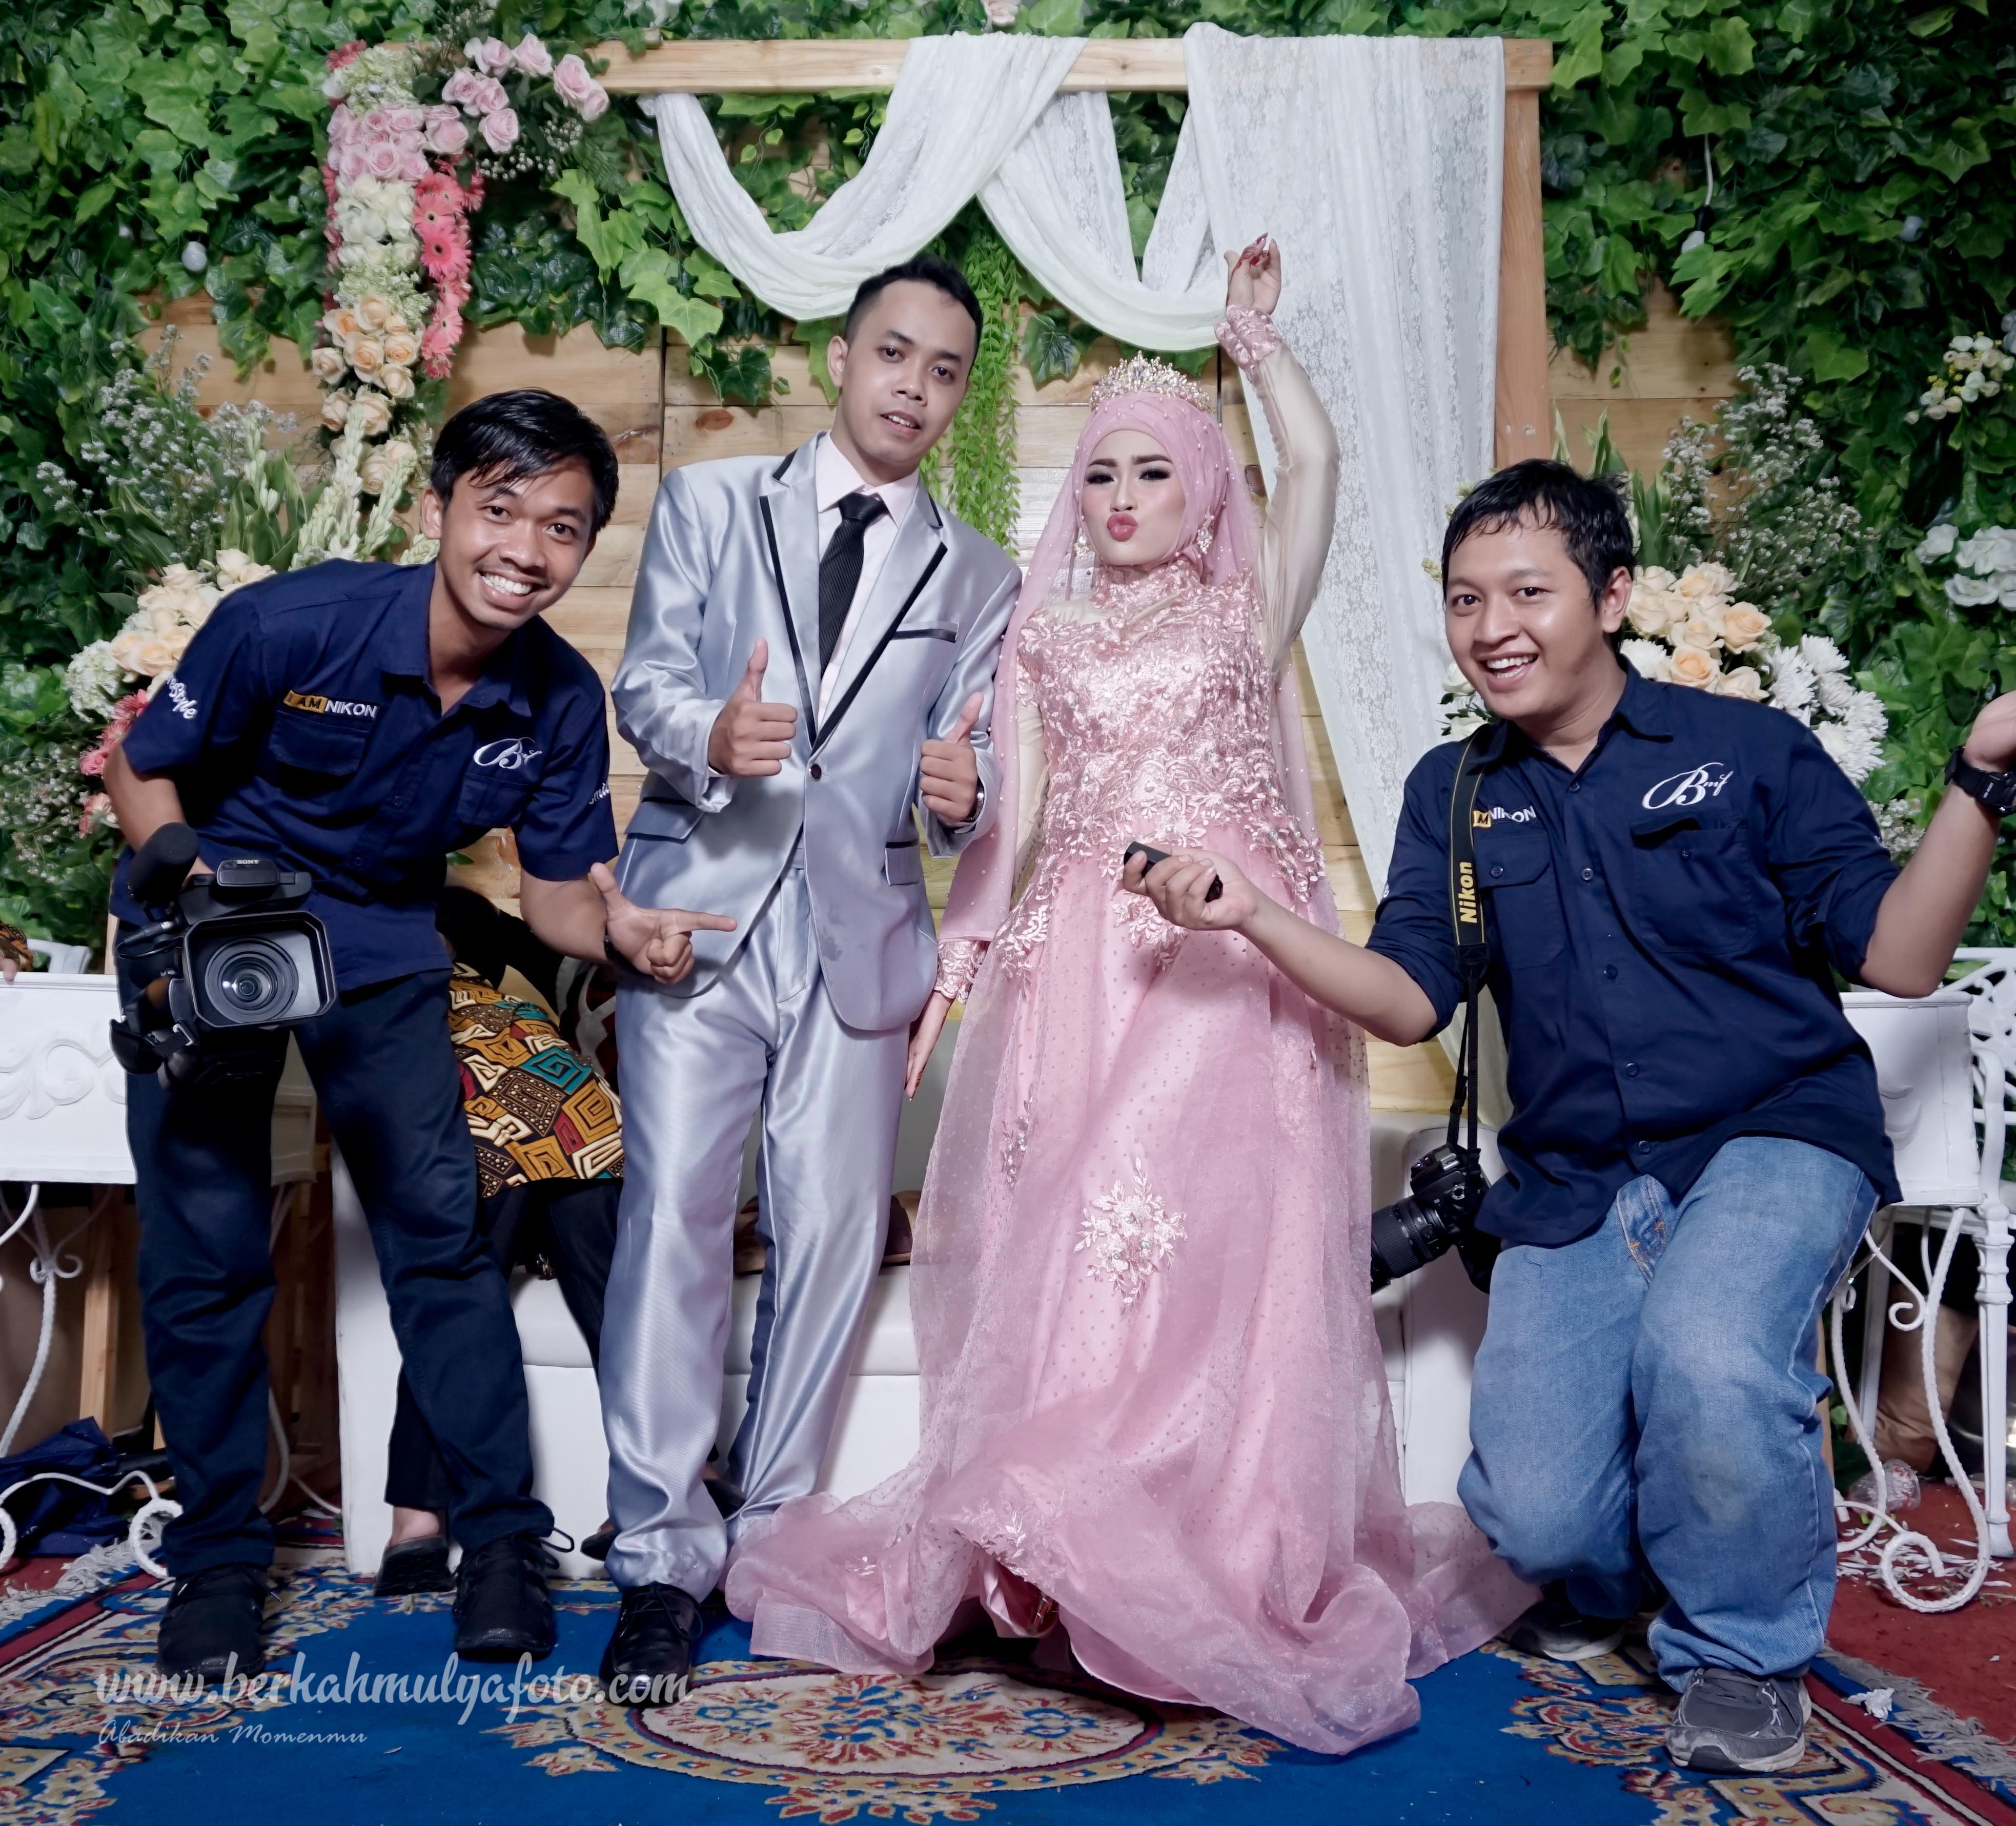 Foto Crew Berkah Mulya Foto (2)